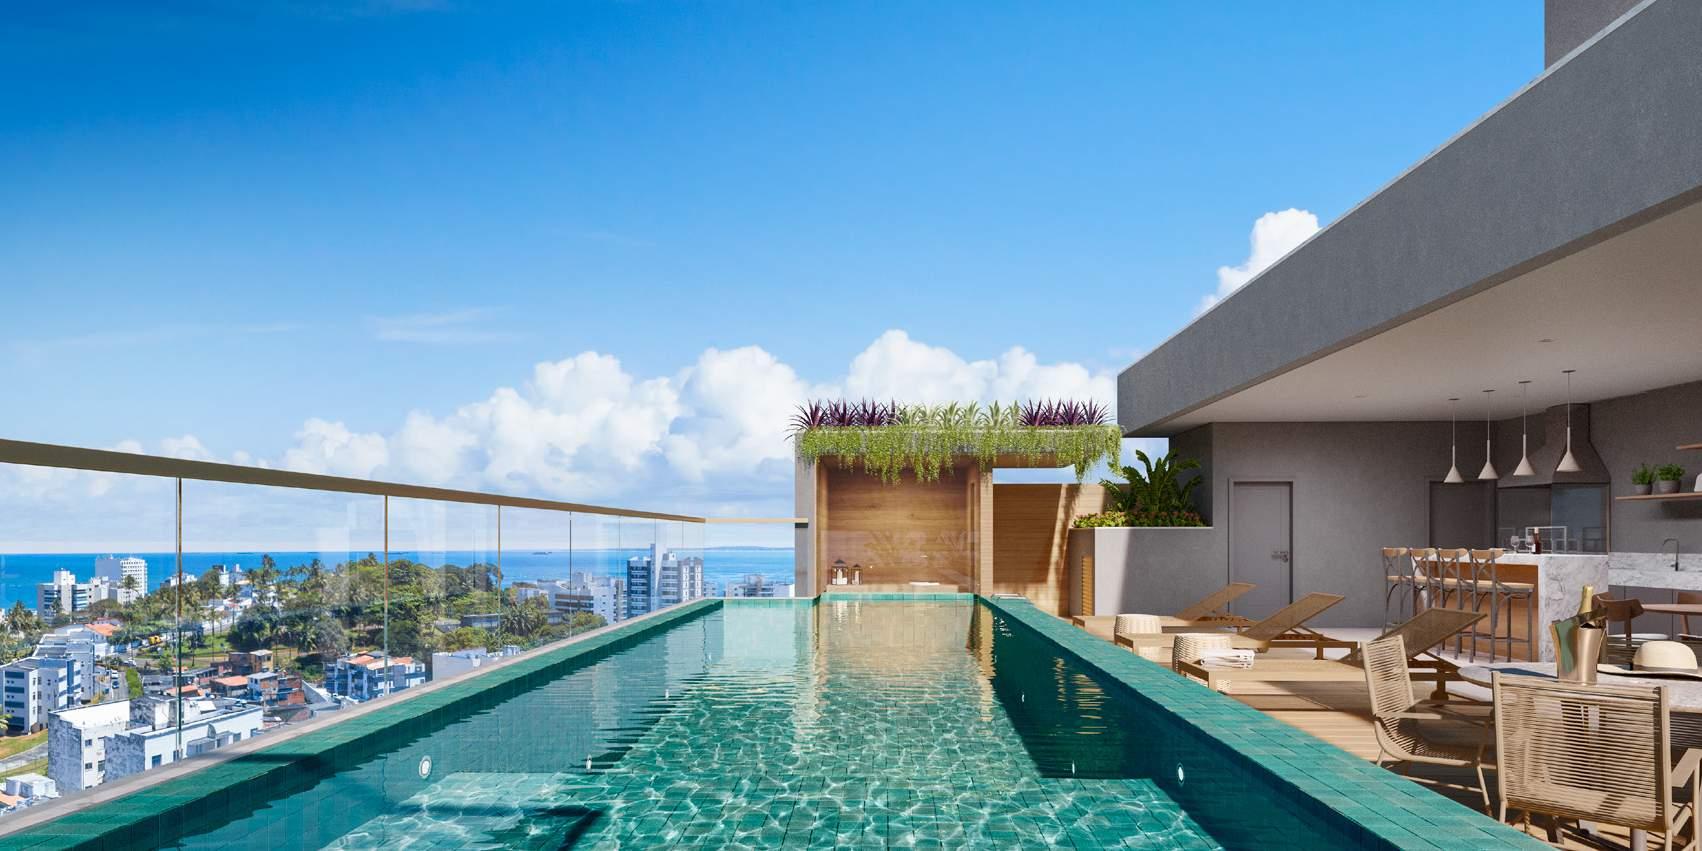 Perspectiva da piscina no Rooftop do Barra Conceito.